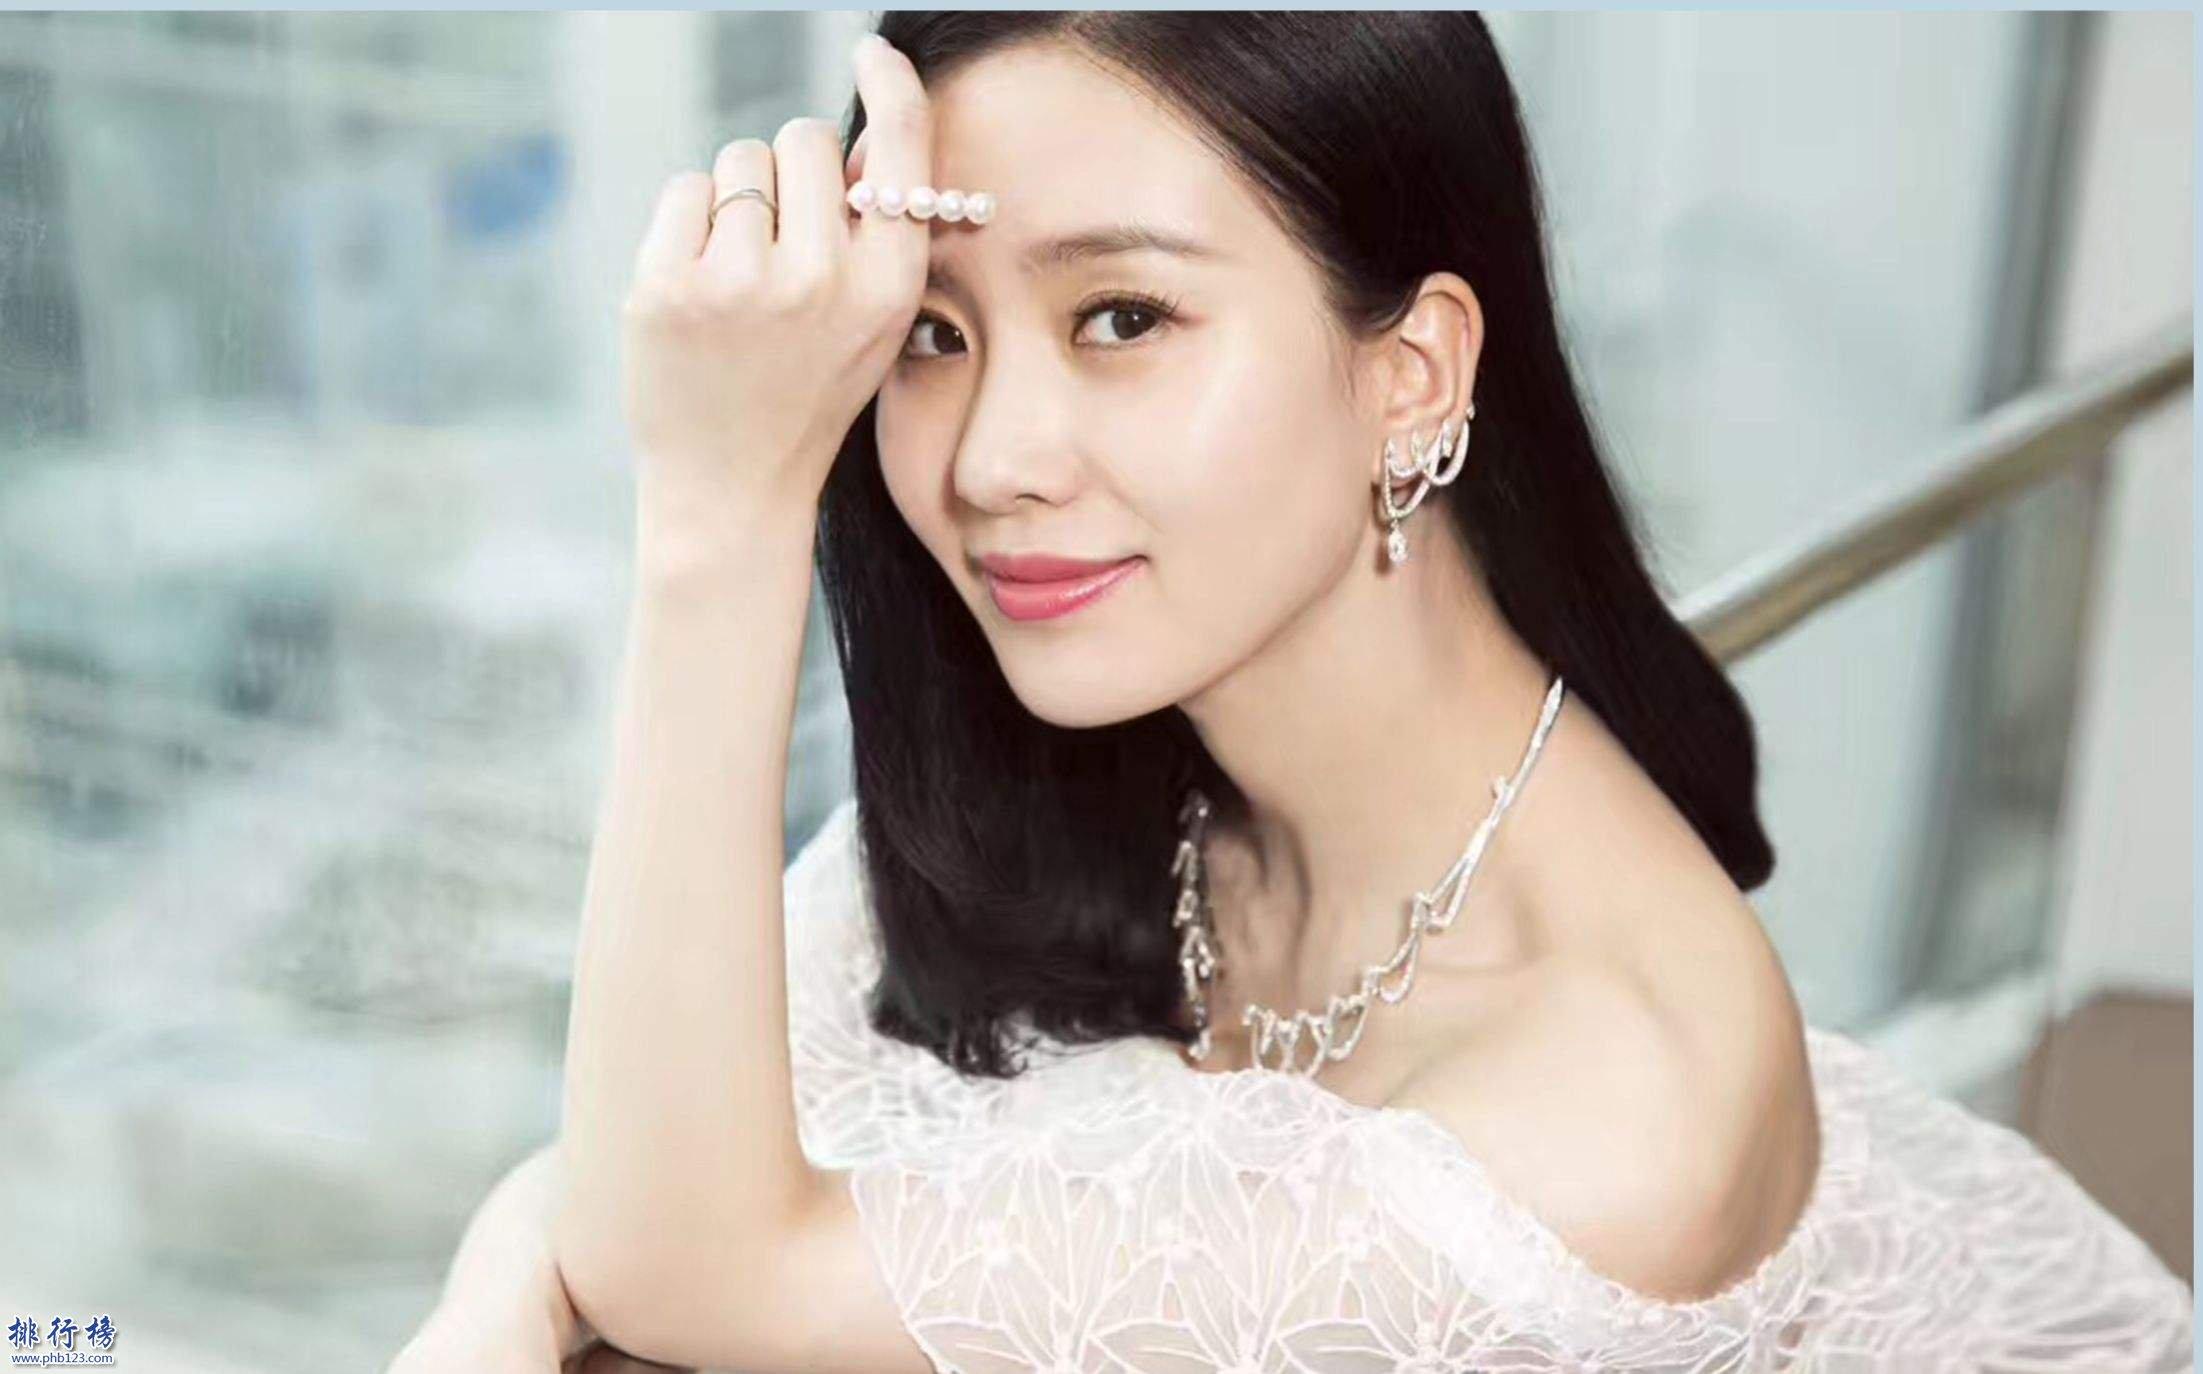 泰国最美10大女明星_2018年中国十大美女排行榜 中国最美女明星排名都有谁_排行榜123网